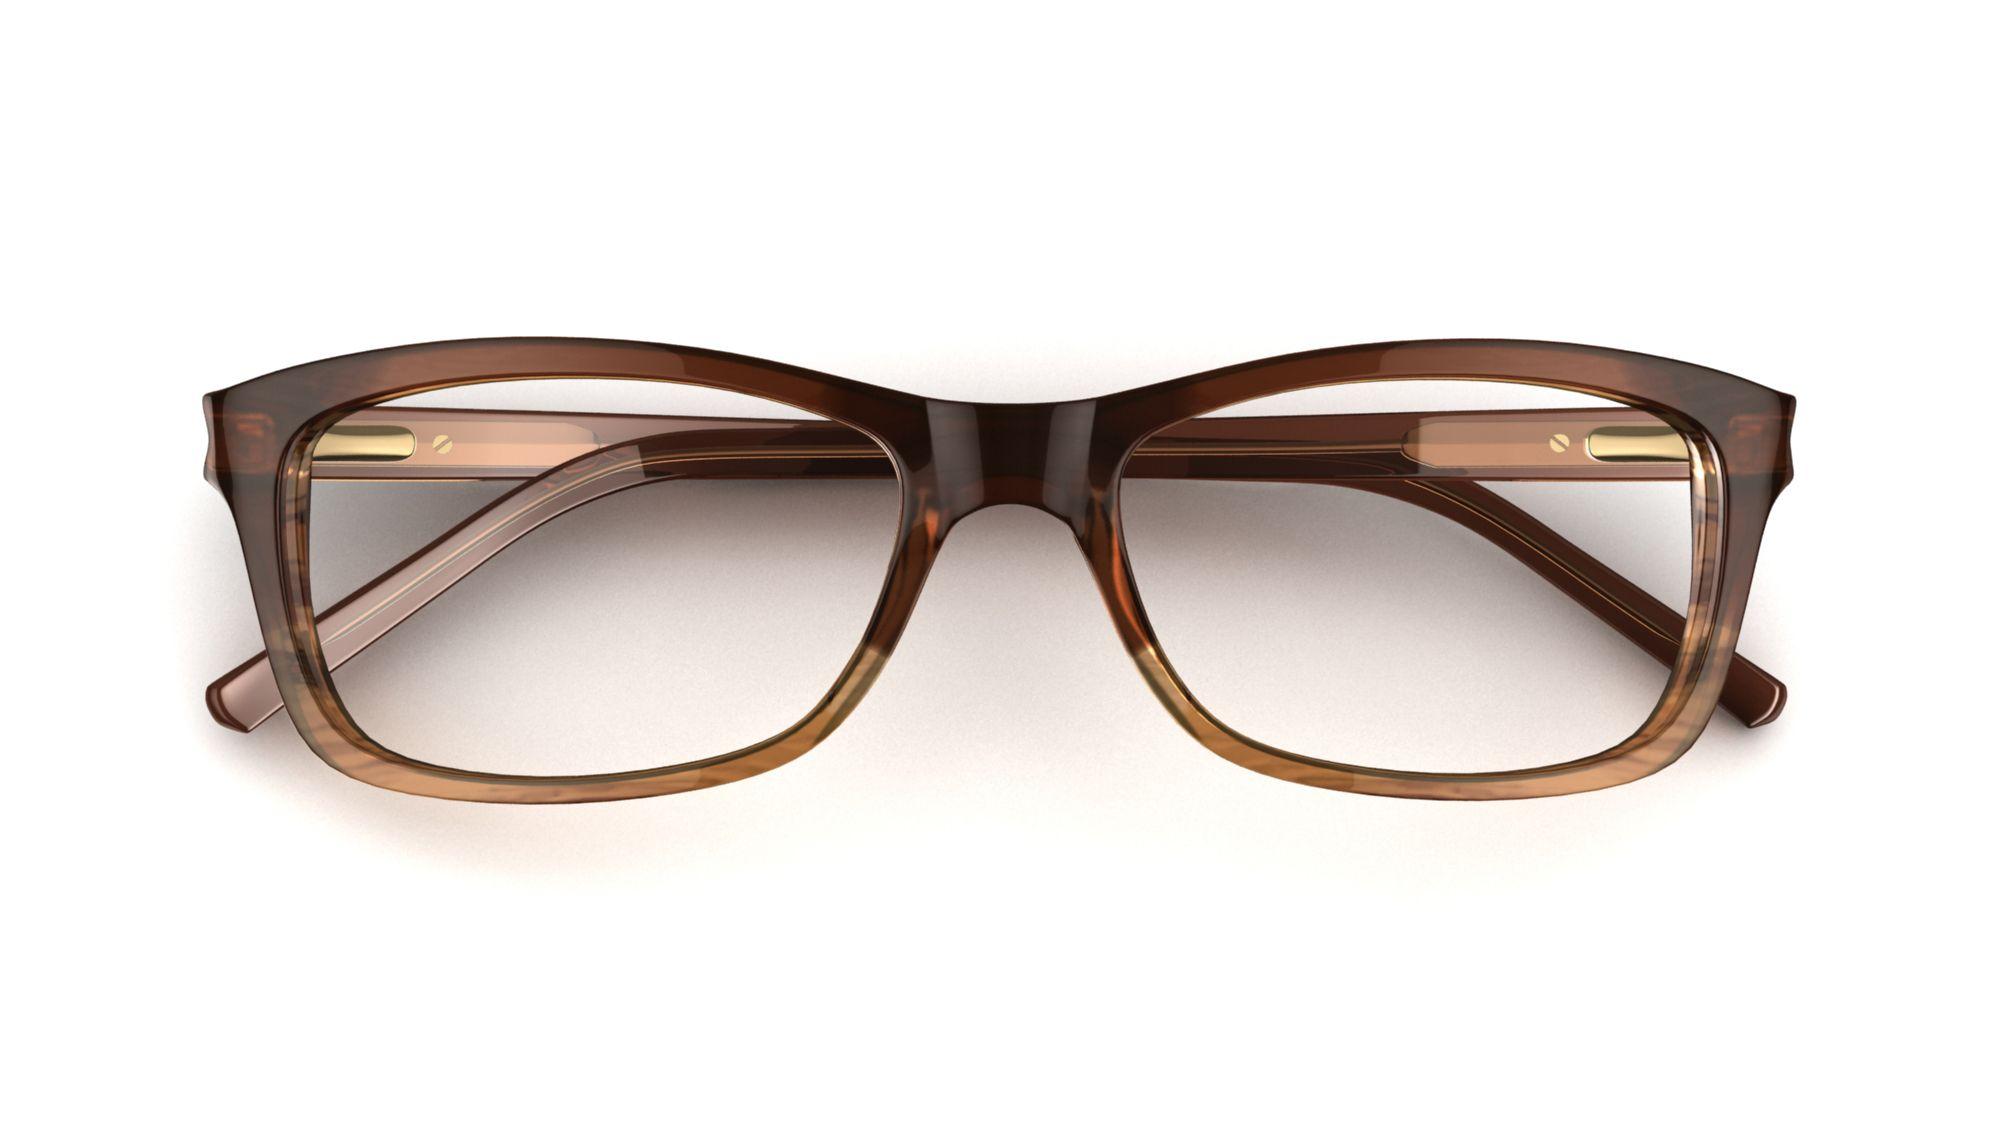 Karl Lagerfeld glasses - KL 18   anteojos opticos   Pinterest d8ba8c756b